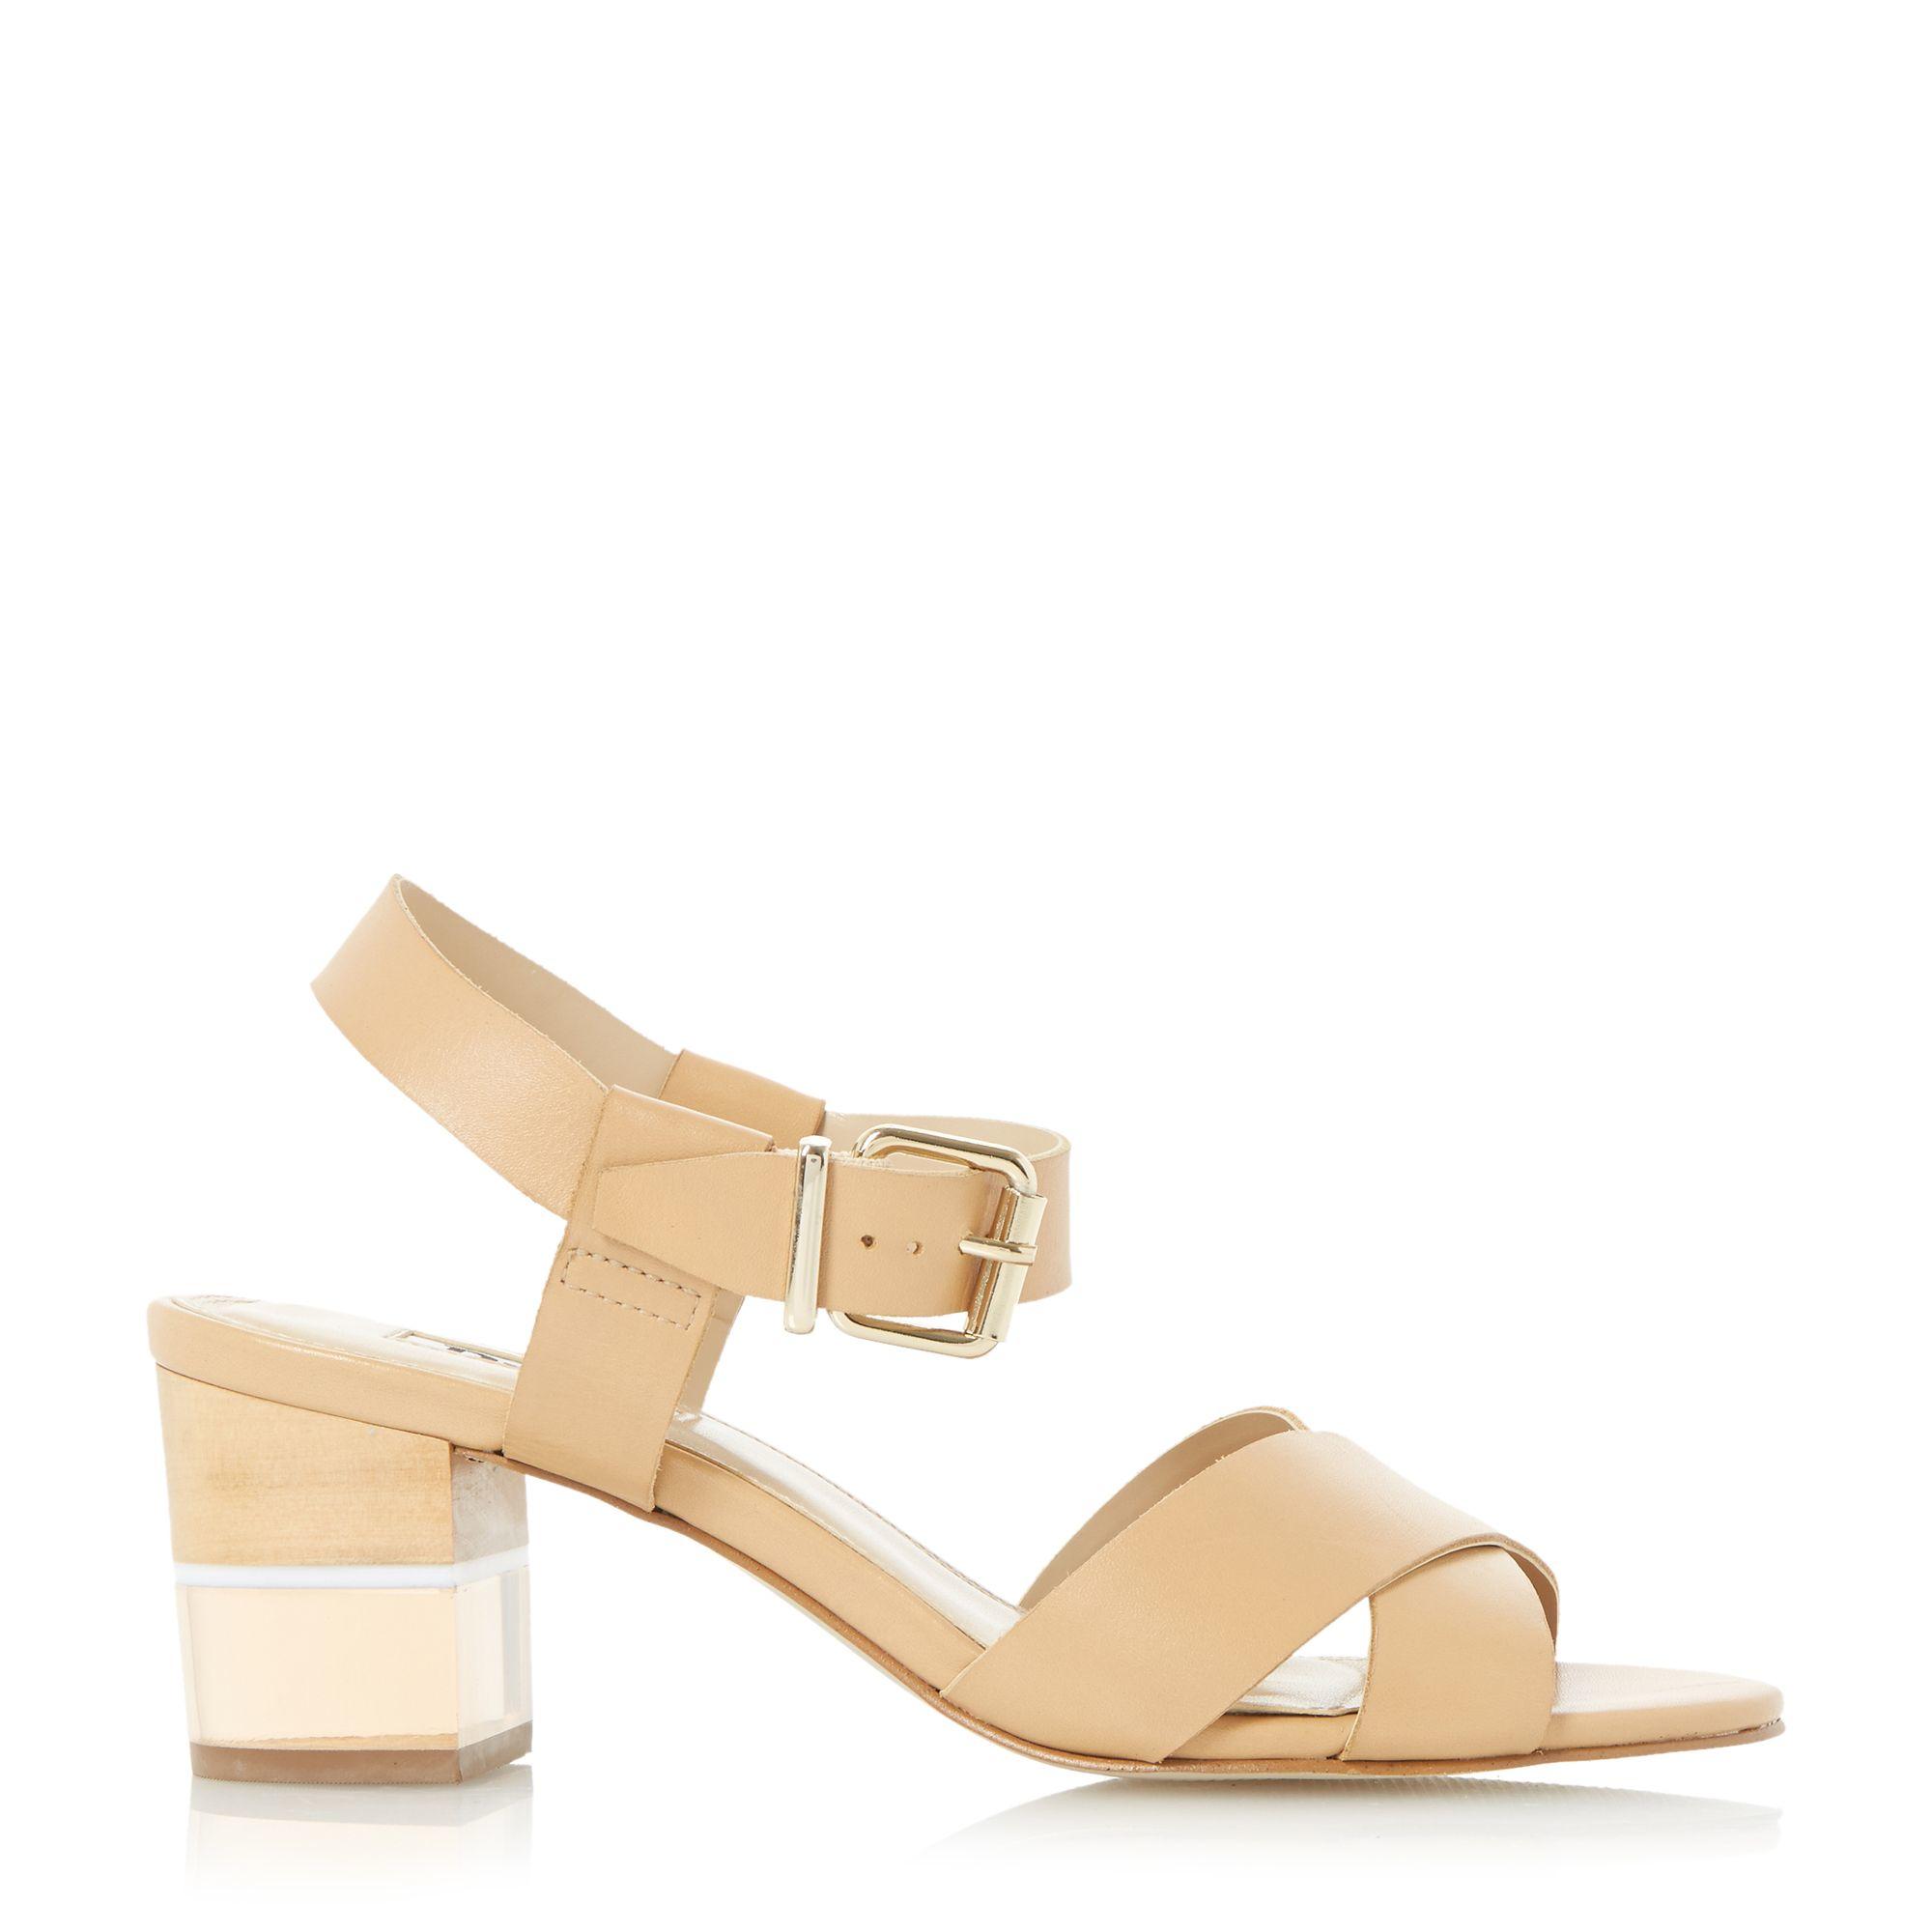 Dune Joyse Perspex Low Block Heel Sandals in Metallic | Lyst